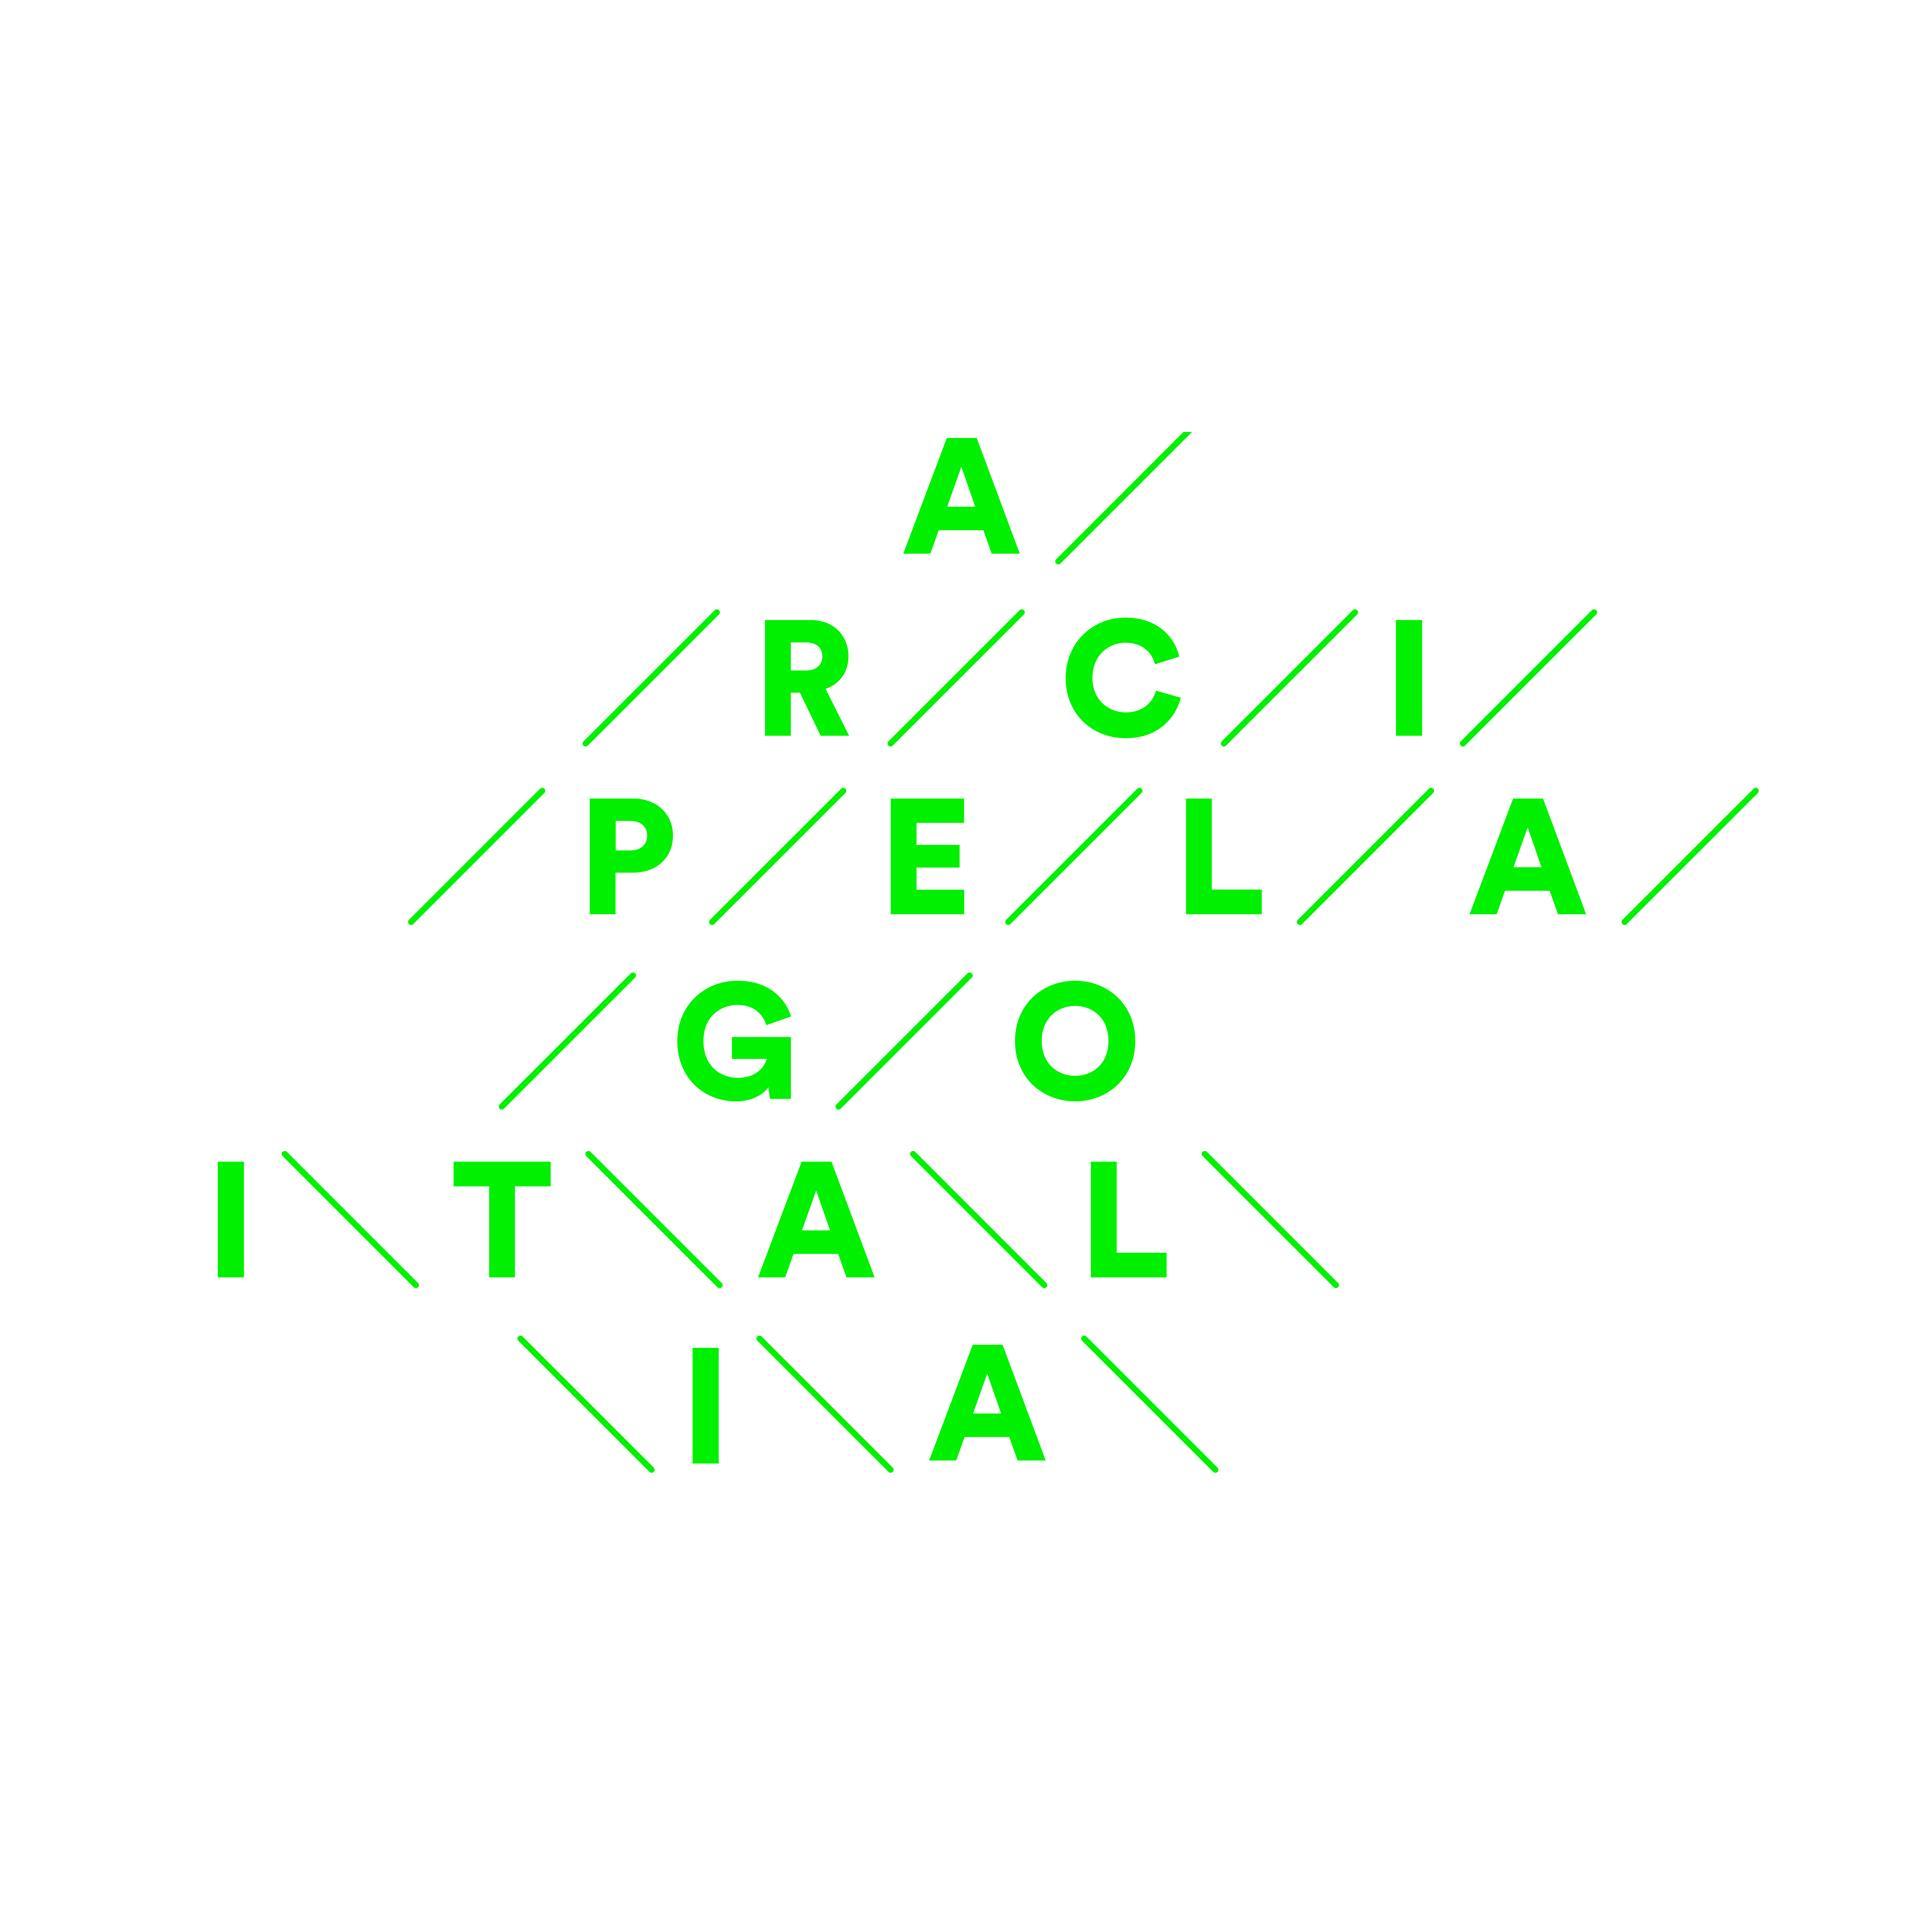 logo arcipelago italia biennale di venezia 2018.jpg